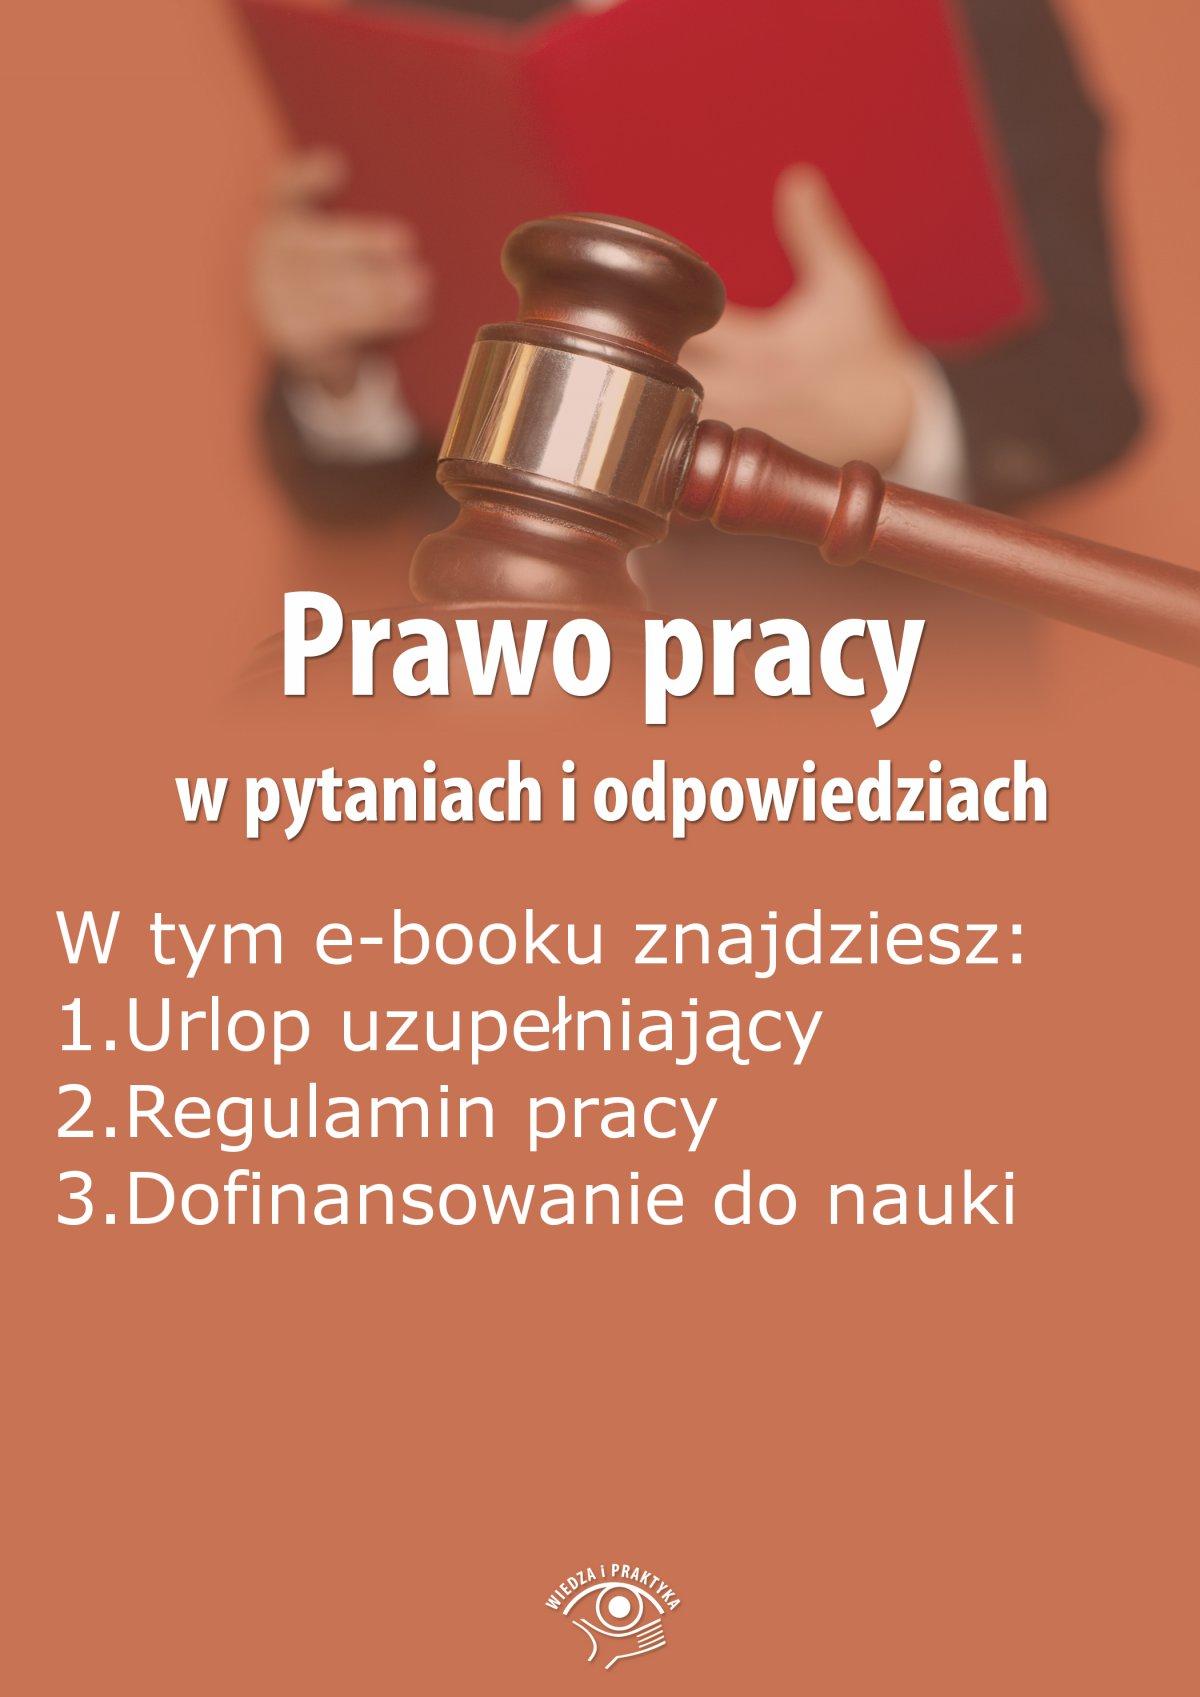 Prawo pracy w pytaniach i odpowiedziach, wydanie październik-listopad 2015 r. - Ebook (Książka PDF) do pobrania w formacie PDF